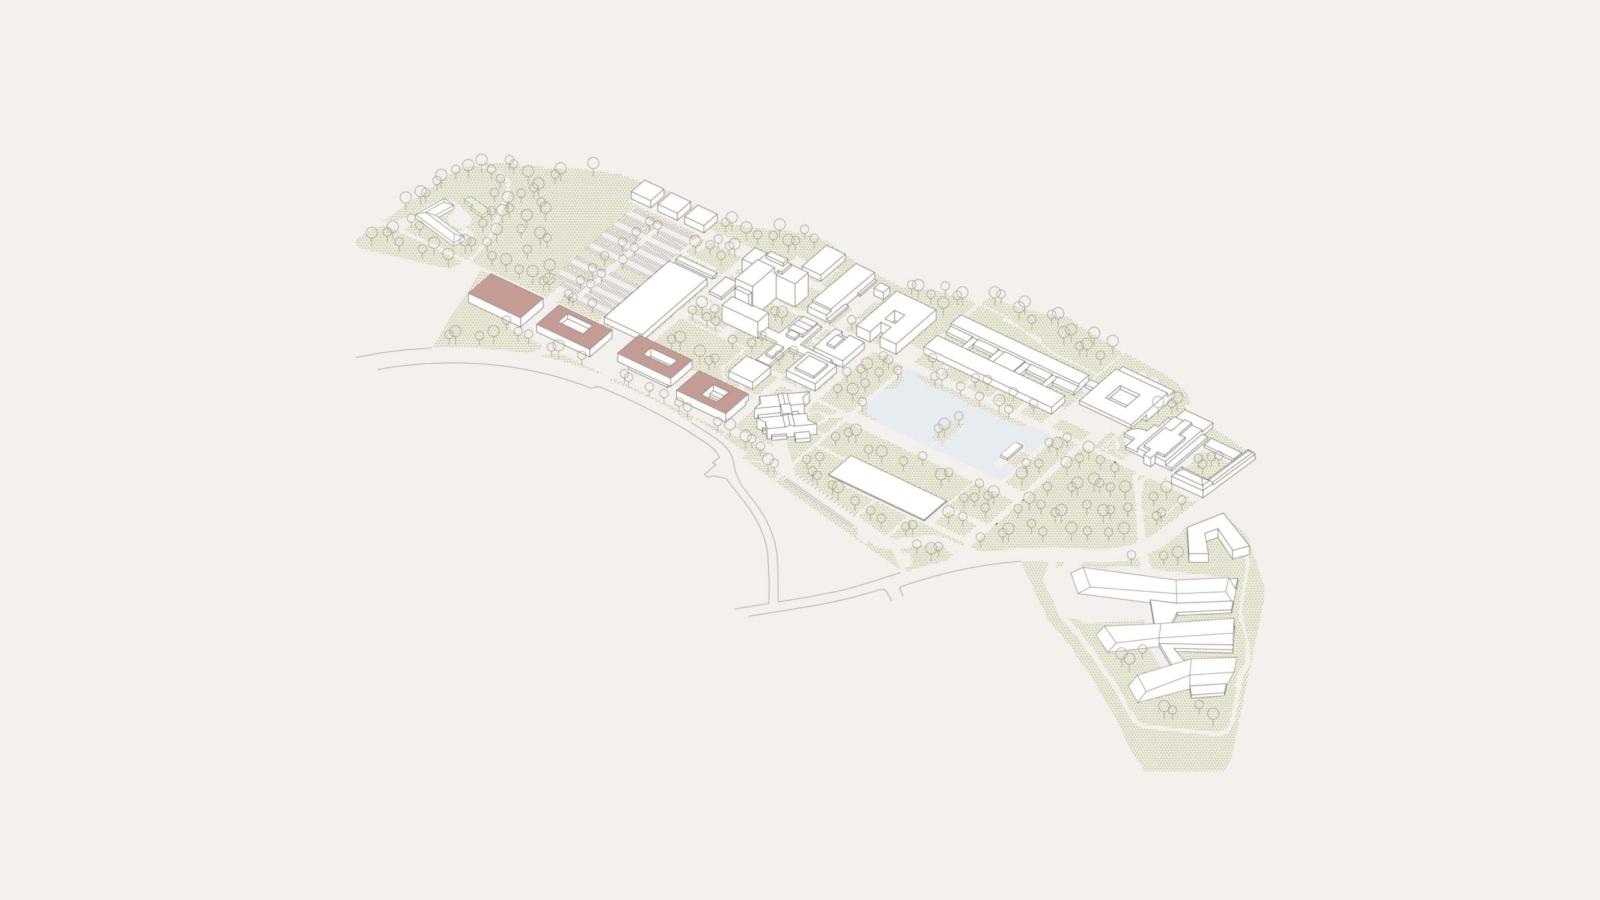 WETTBEWERB JKU Campus_lage Übersicht